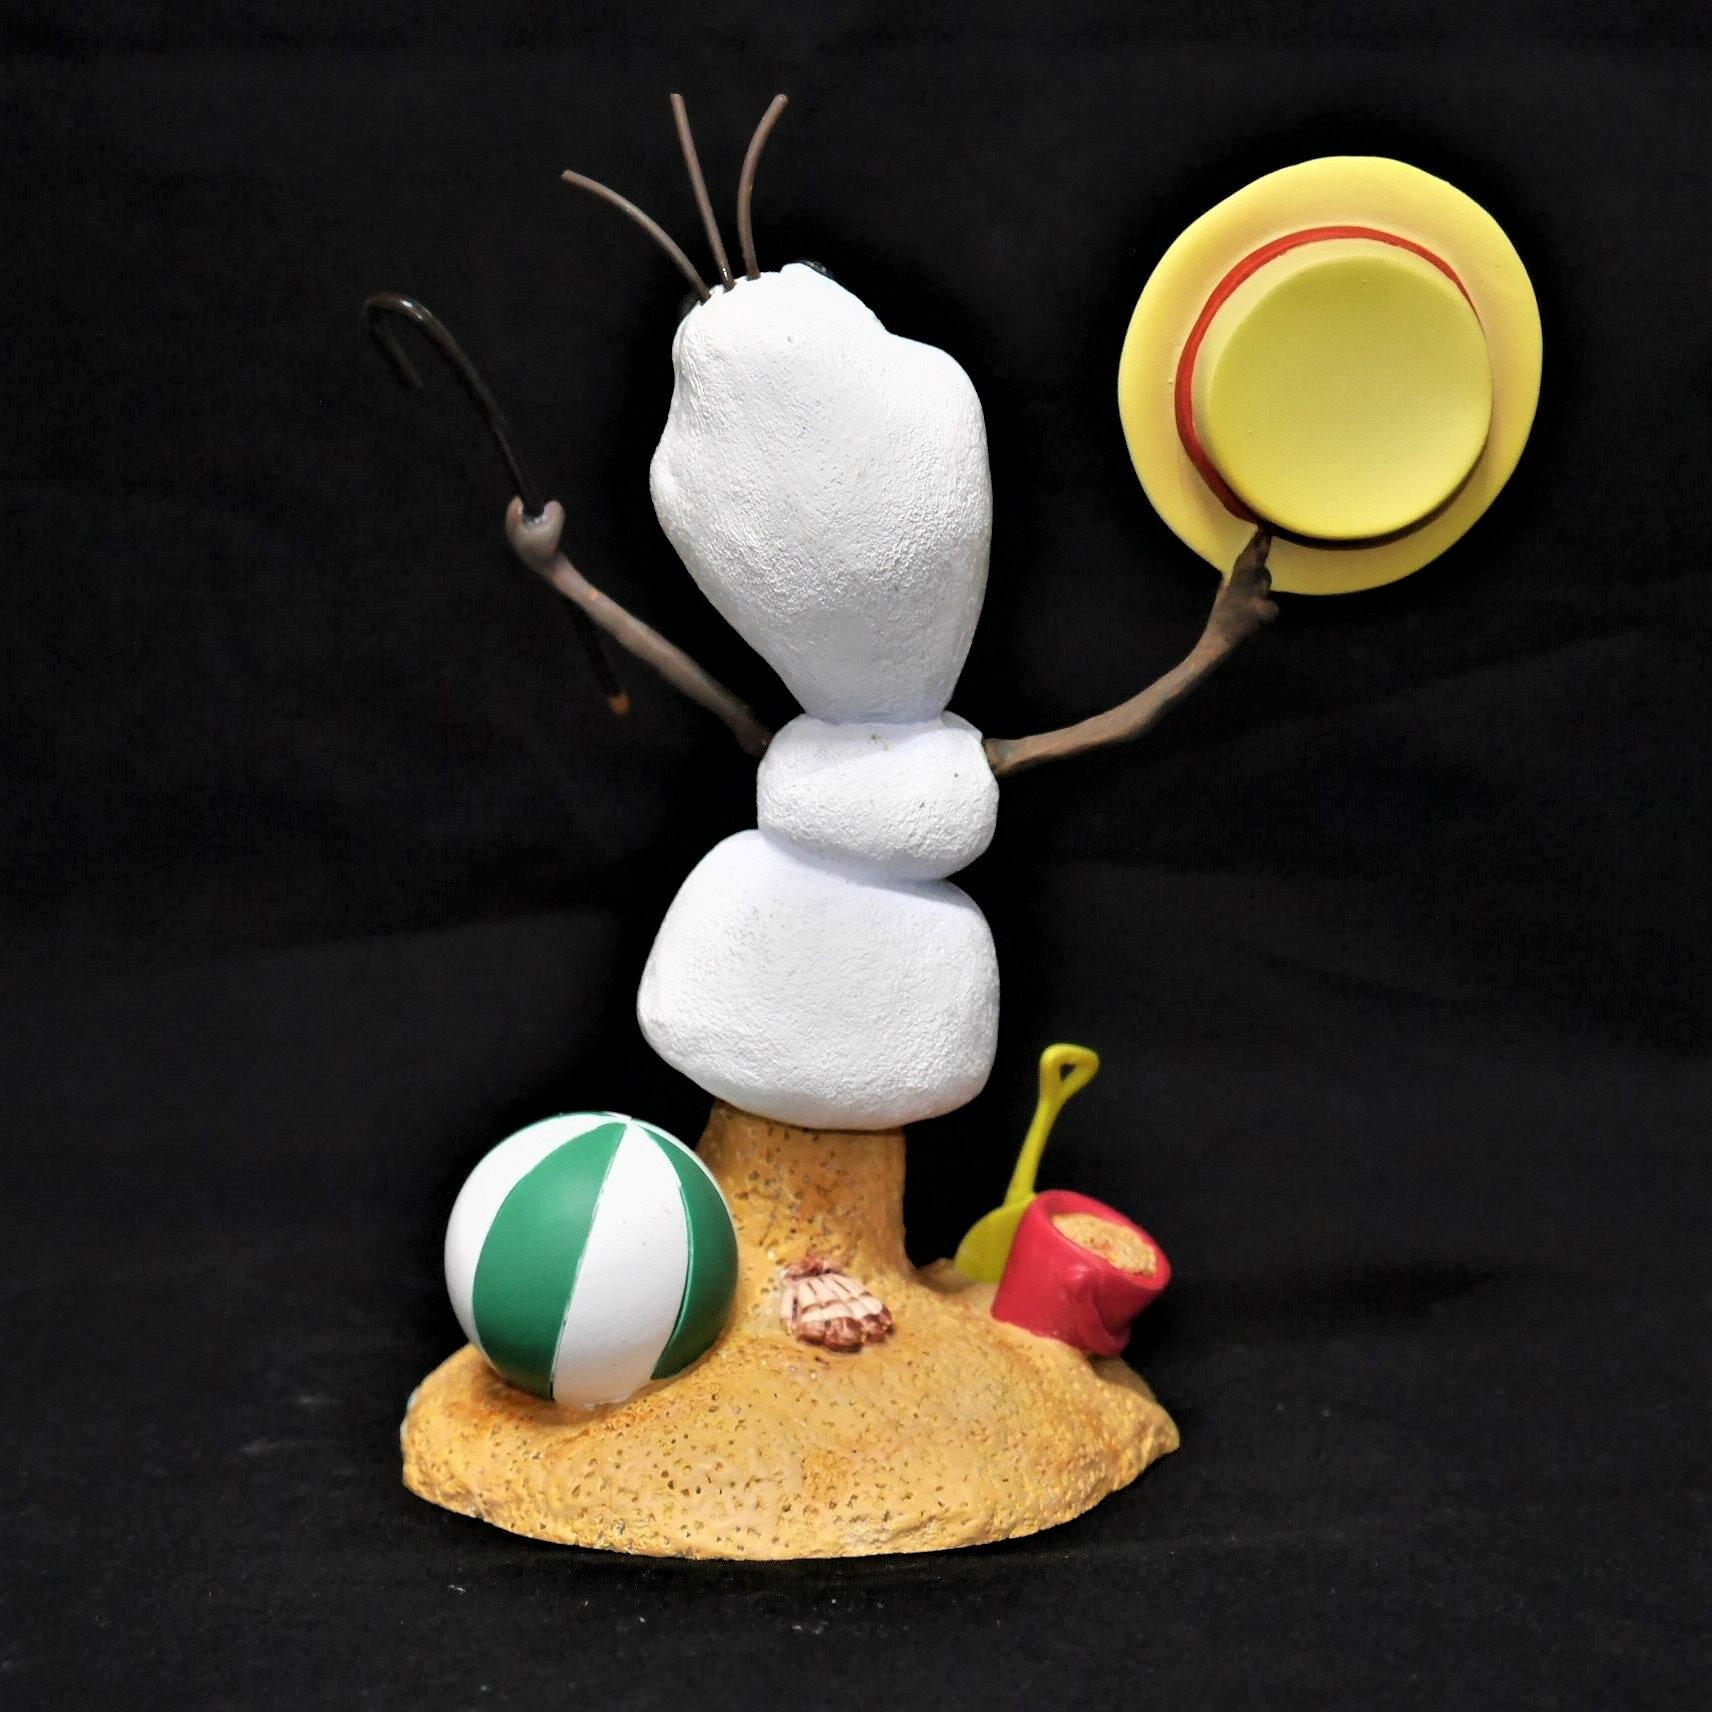 冰雪奇緣雪寶*精品 / 裝飾 / 擺飾 / 玩具《美國Enesco精品,迪士尼典藏超精美人偶》【曉風】 2